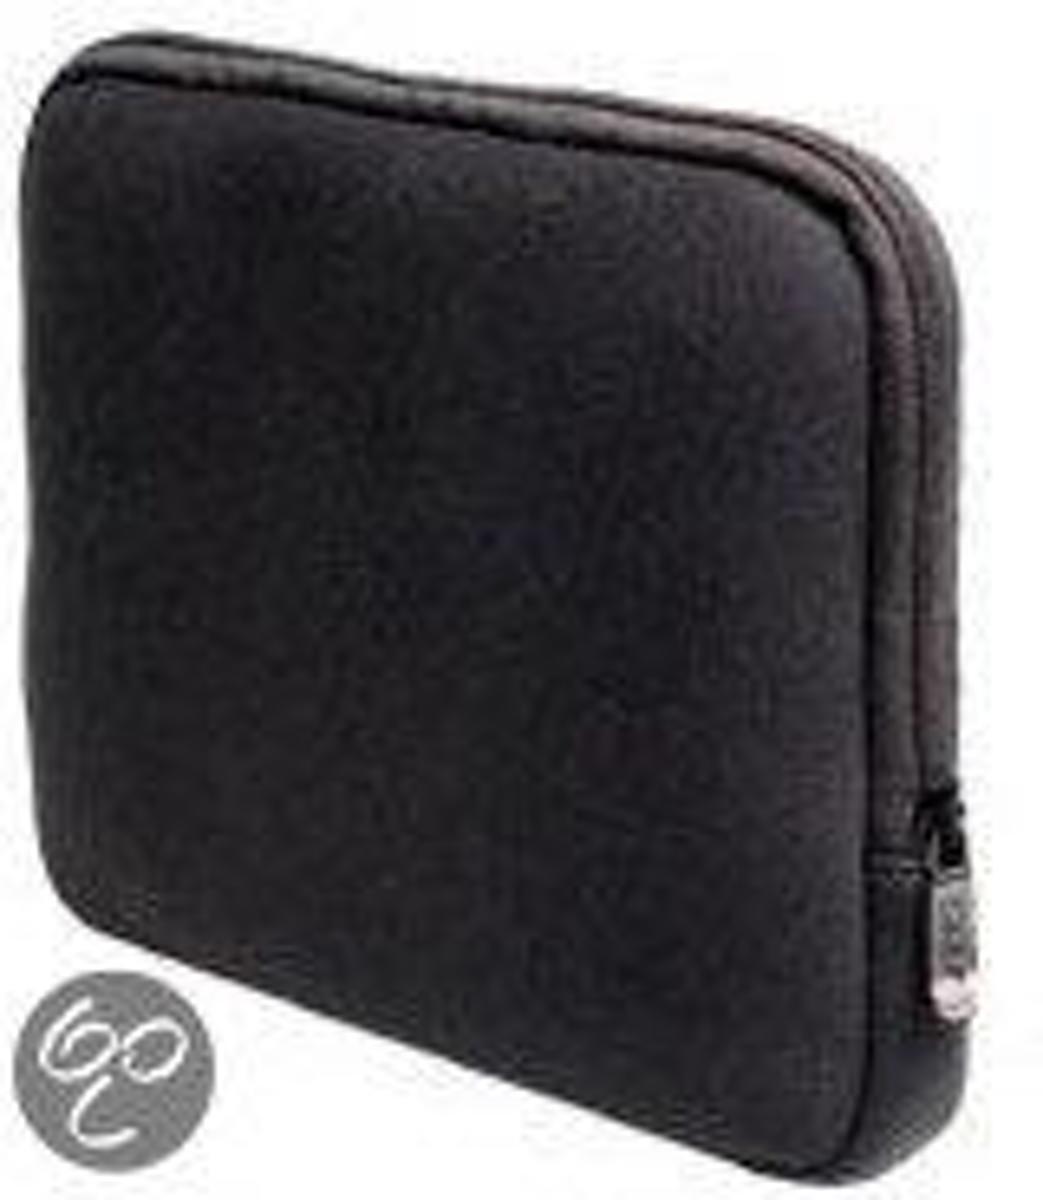 Acer Aspire One Neoprene Cover Sleev kopen